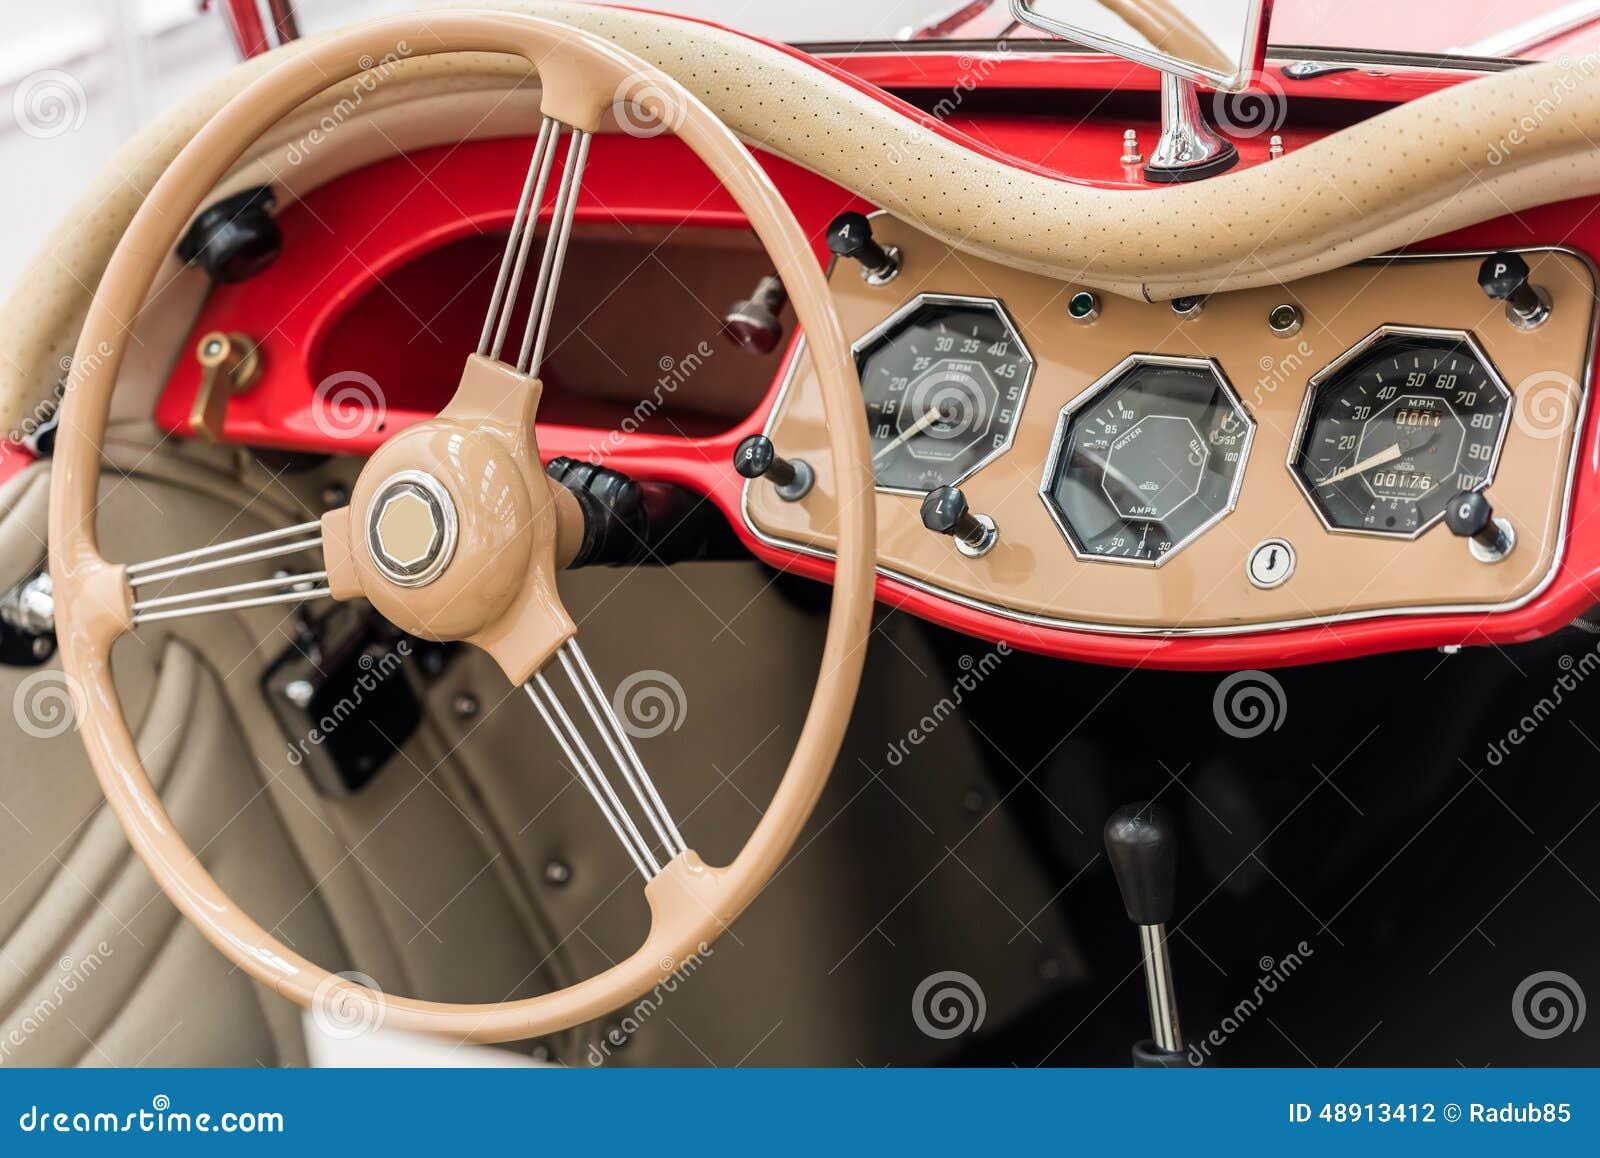 vintage car interior stock photo image 48913412. Black Bedroom Furniture Sets. Home Design Ideas